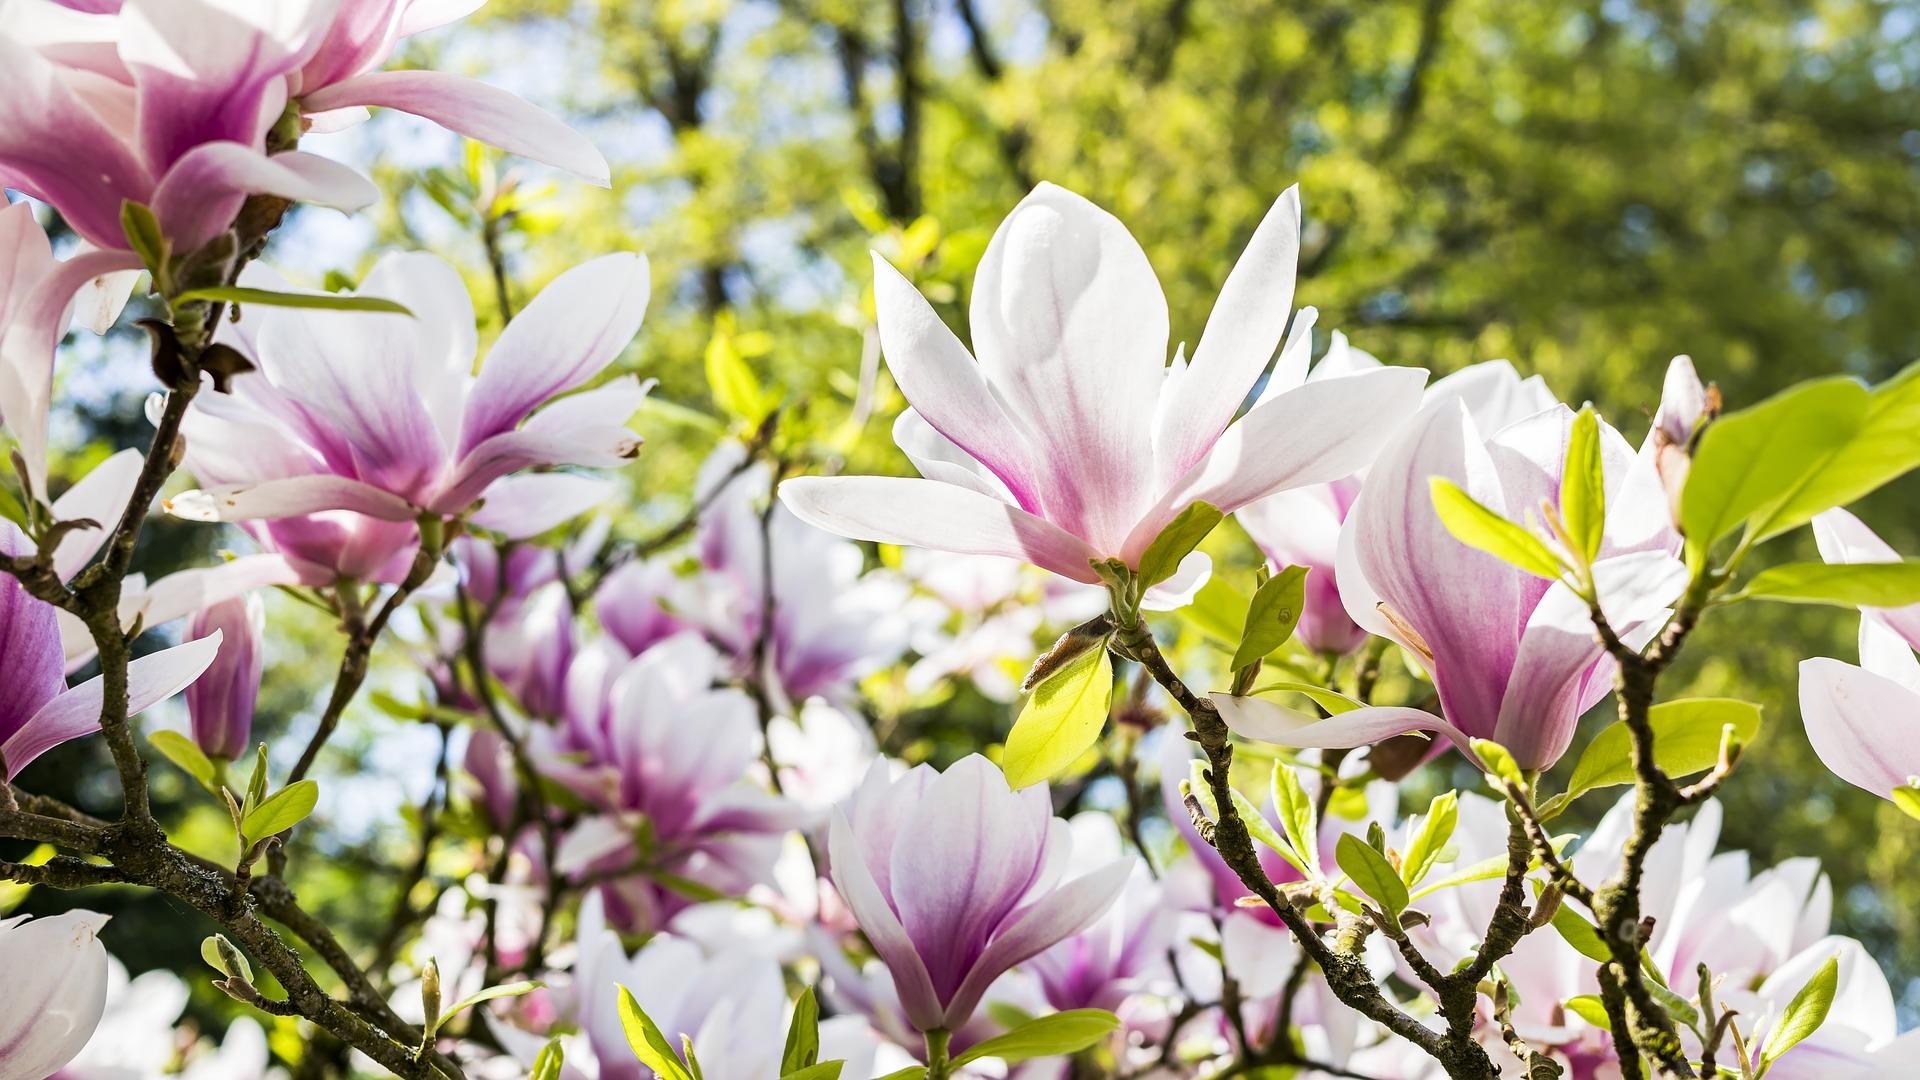 download wallpaper: tulpenboom in bloei wallpaper